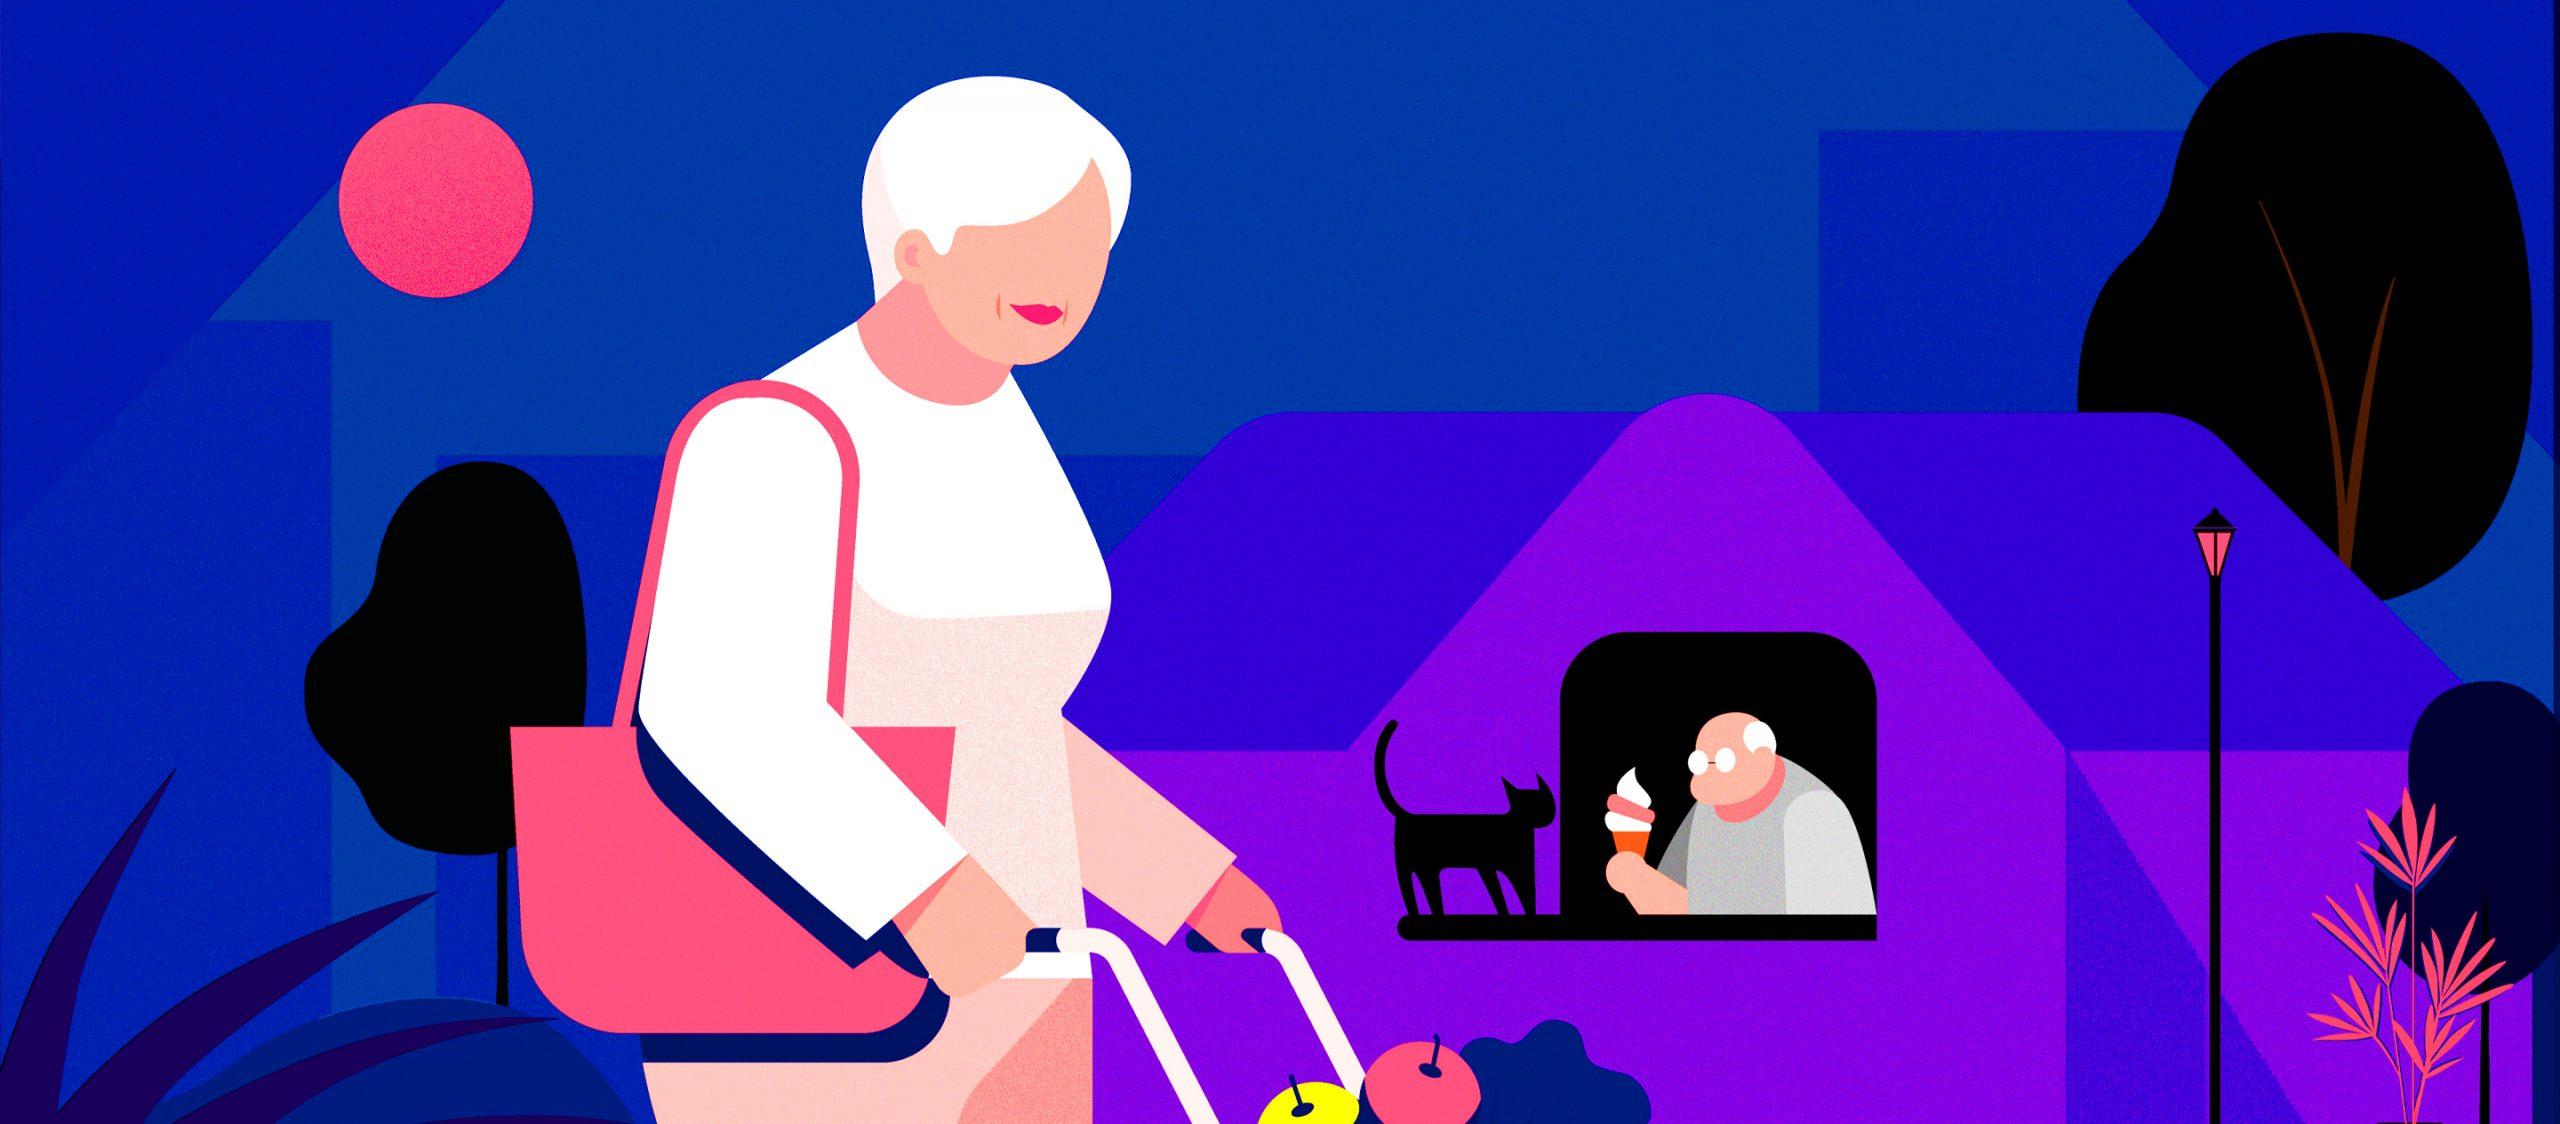 ใครๆ ก็อยากแก่ตายในบ้านของตัวเอง ว่าด้วย Aging in Place และสังคมผู้สูงอายุ